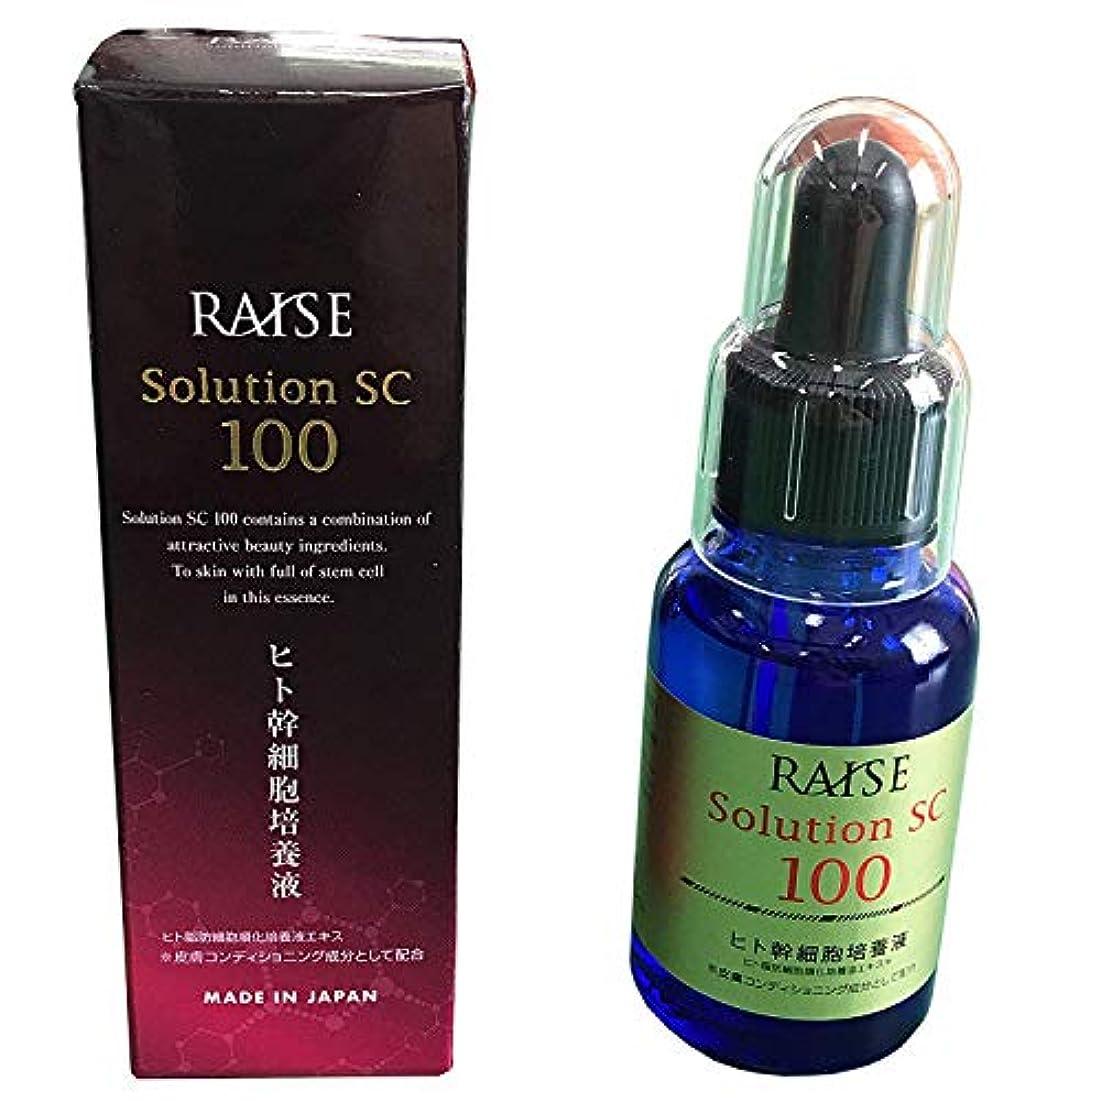 キャロラインイチゴ勘違いするRAISE (レイズ) ソリューション SC100 ヒト幹細胞 + 活性型 FGF 美容液 30ml